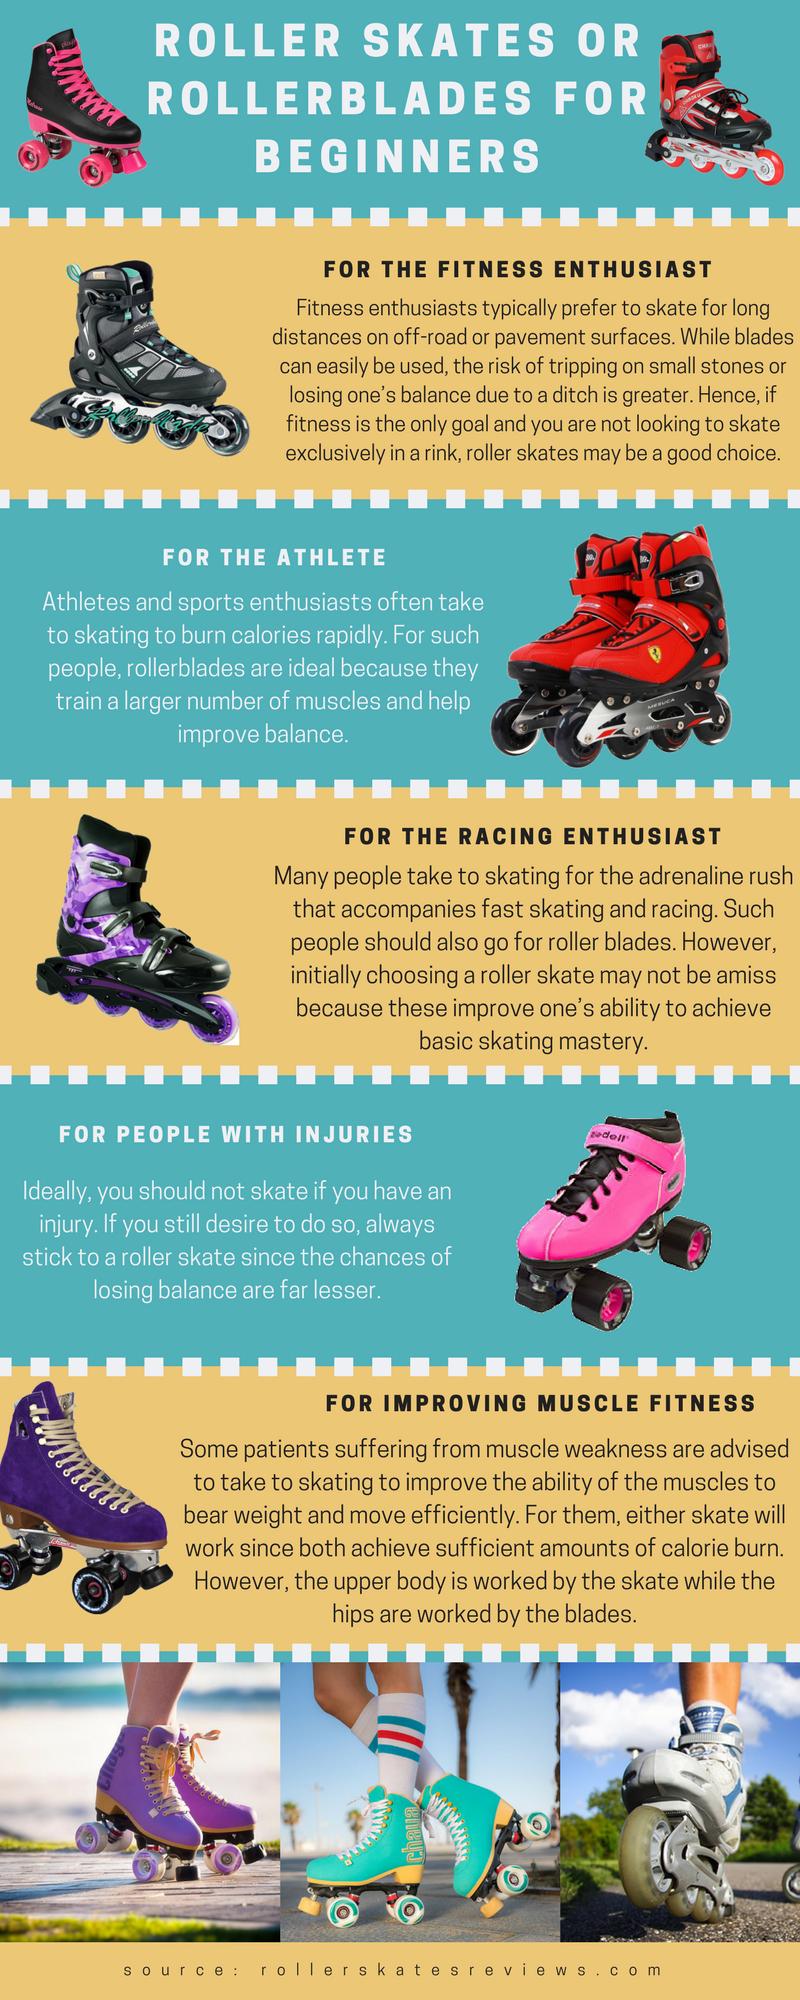 Roller Skates Or Rollerblades For Beginners Roller Skates For Women Roller Skates Best Roller Skates Derby Skates